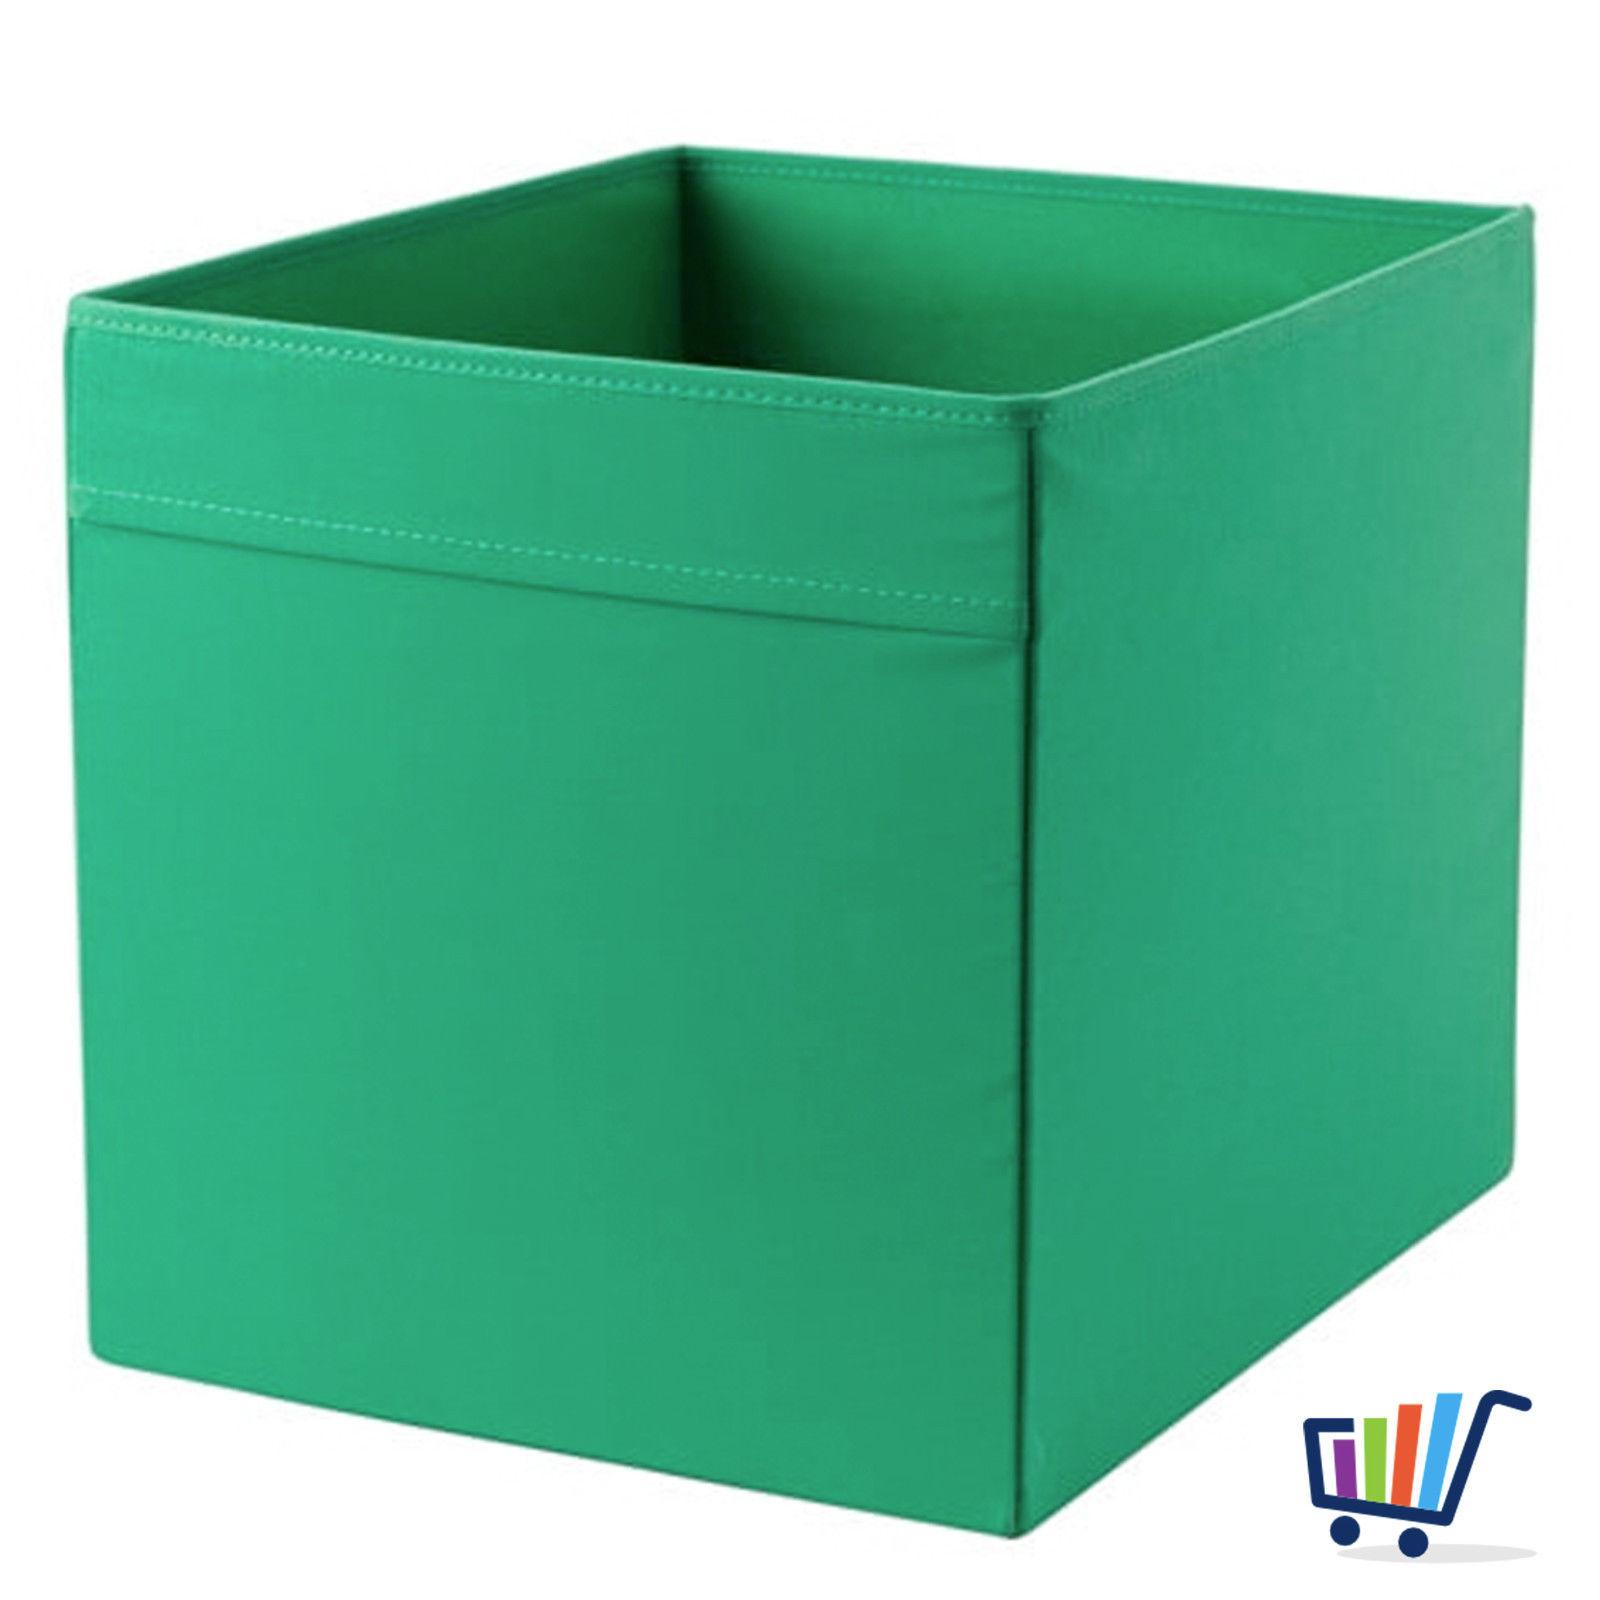 Ikea Drona Fach Box Fur Kallax Expedit Regal Aufbewahrungsbox Kiste